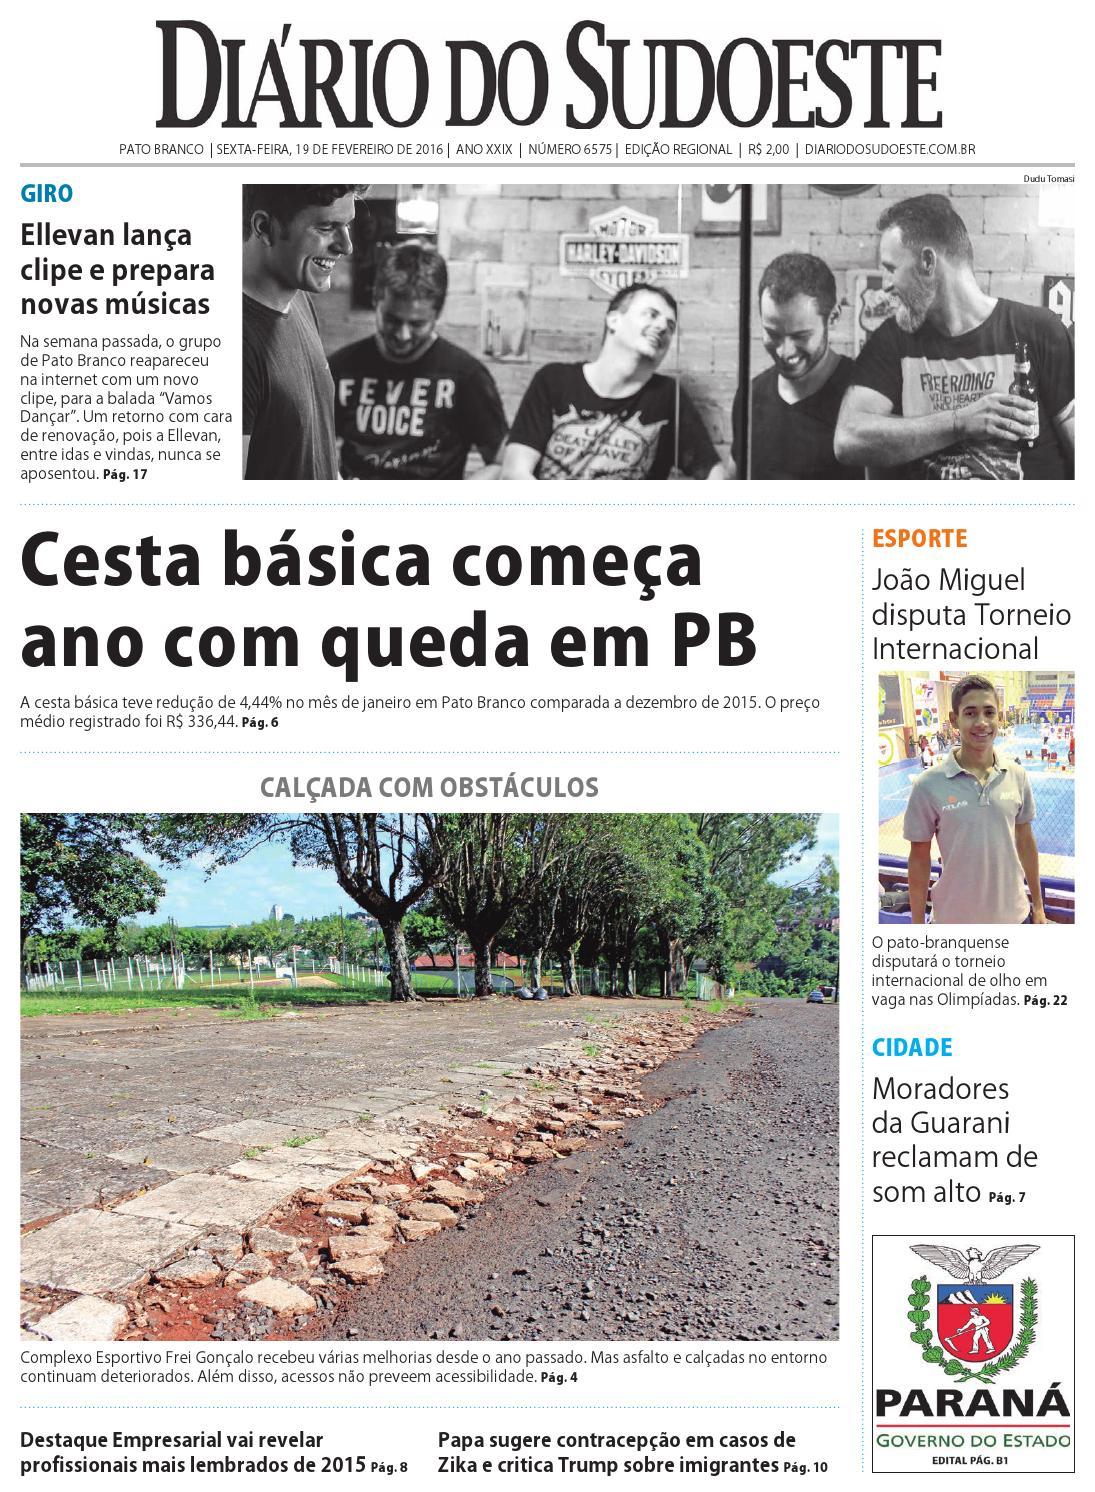 6bf4eac342702 Diário do sudoeste 19 de fevereiro de 2016 ed 6575 by Diário do Sudoeste -  issuu